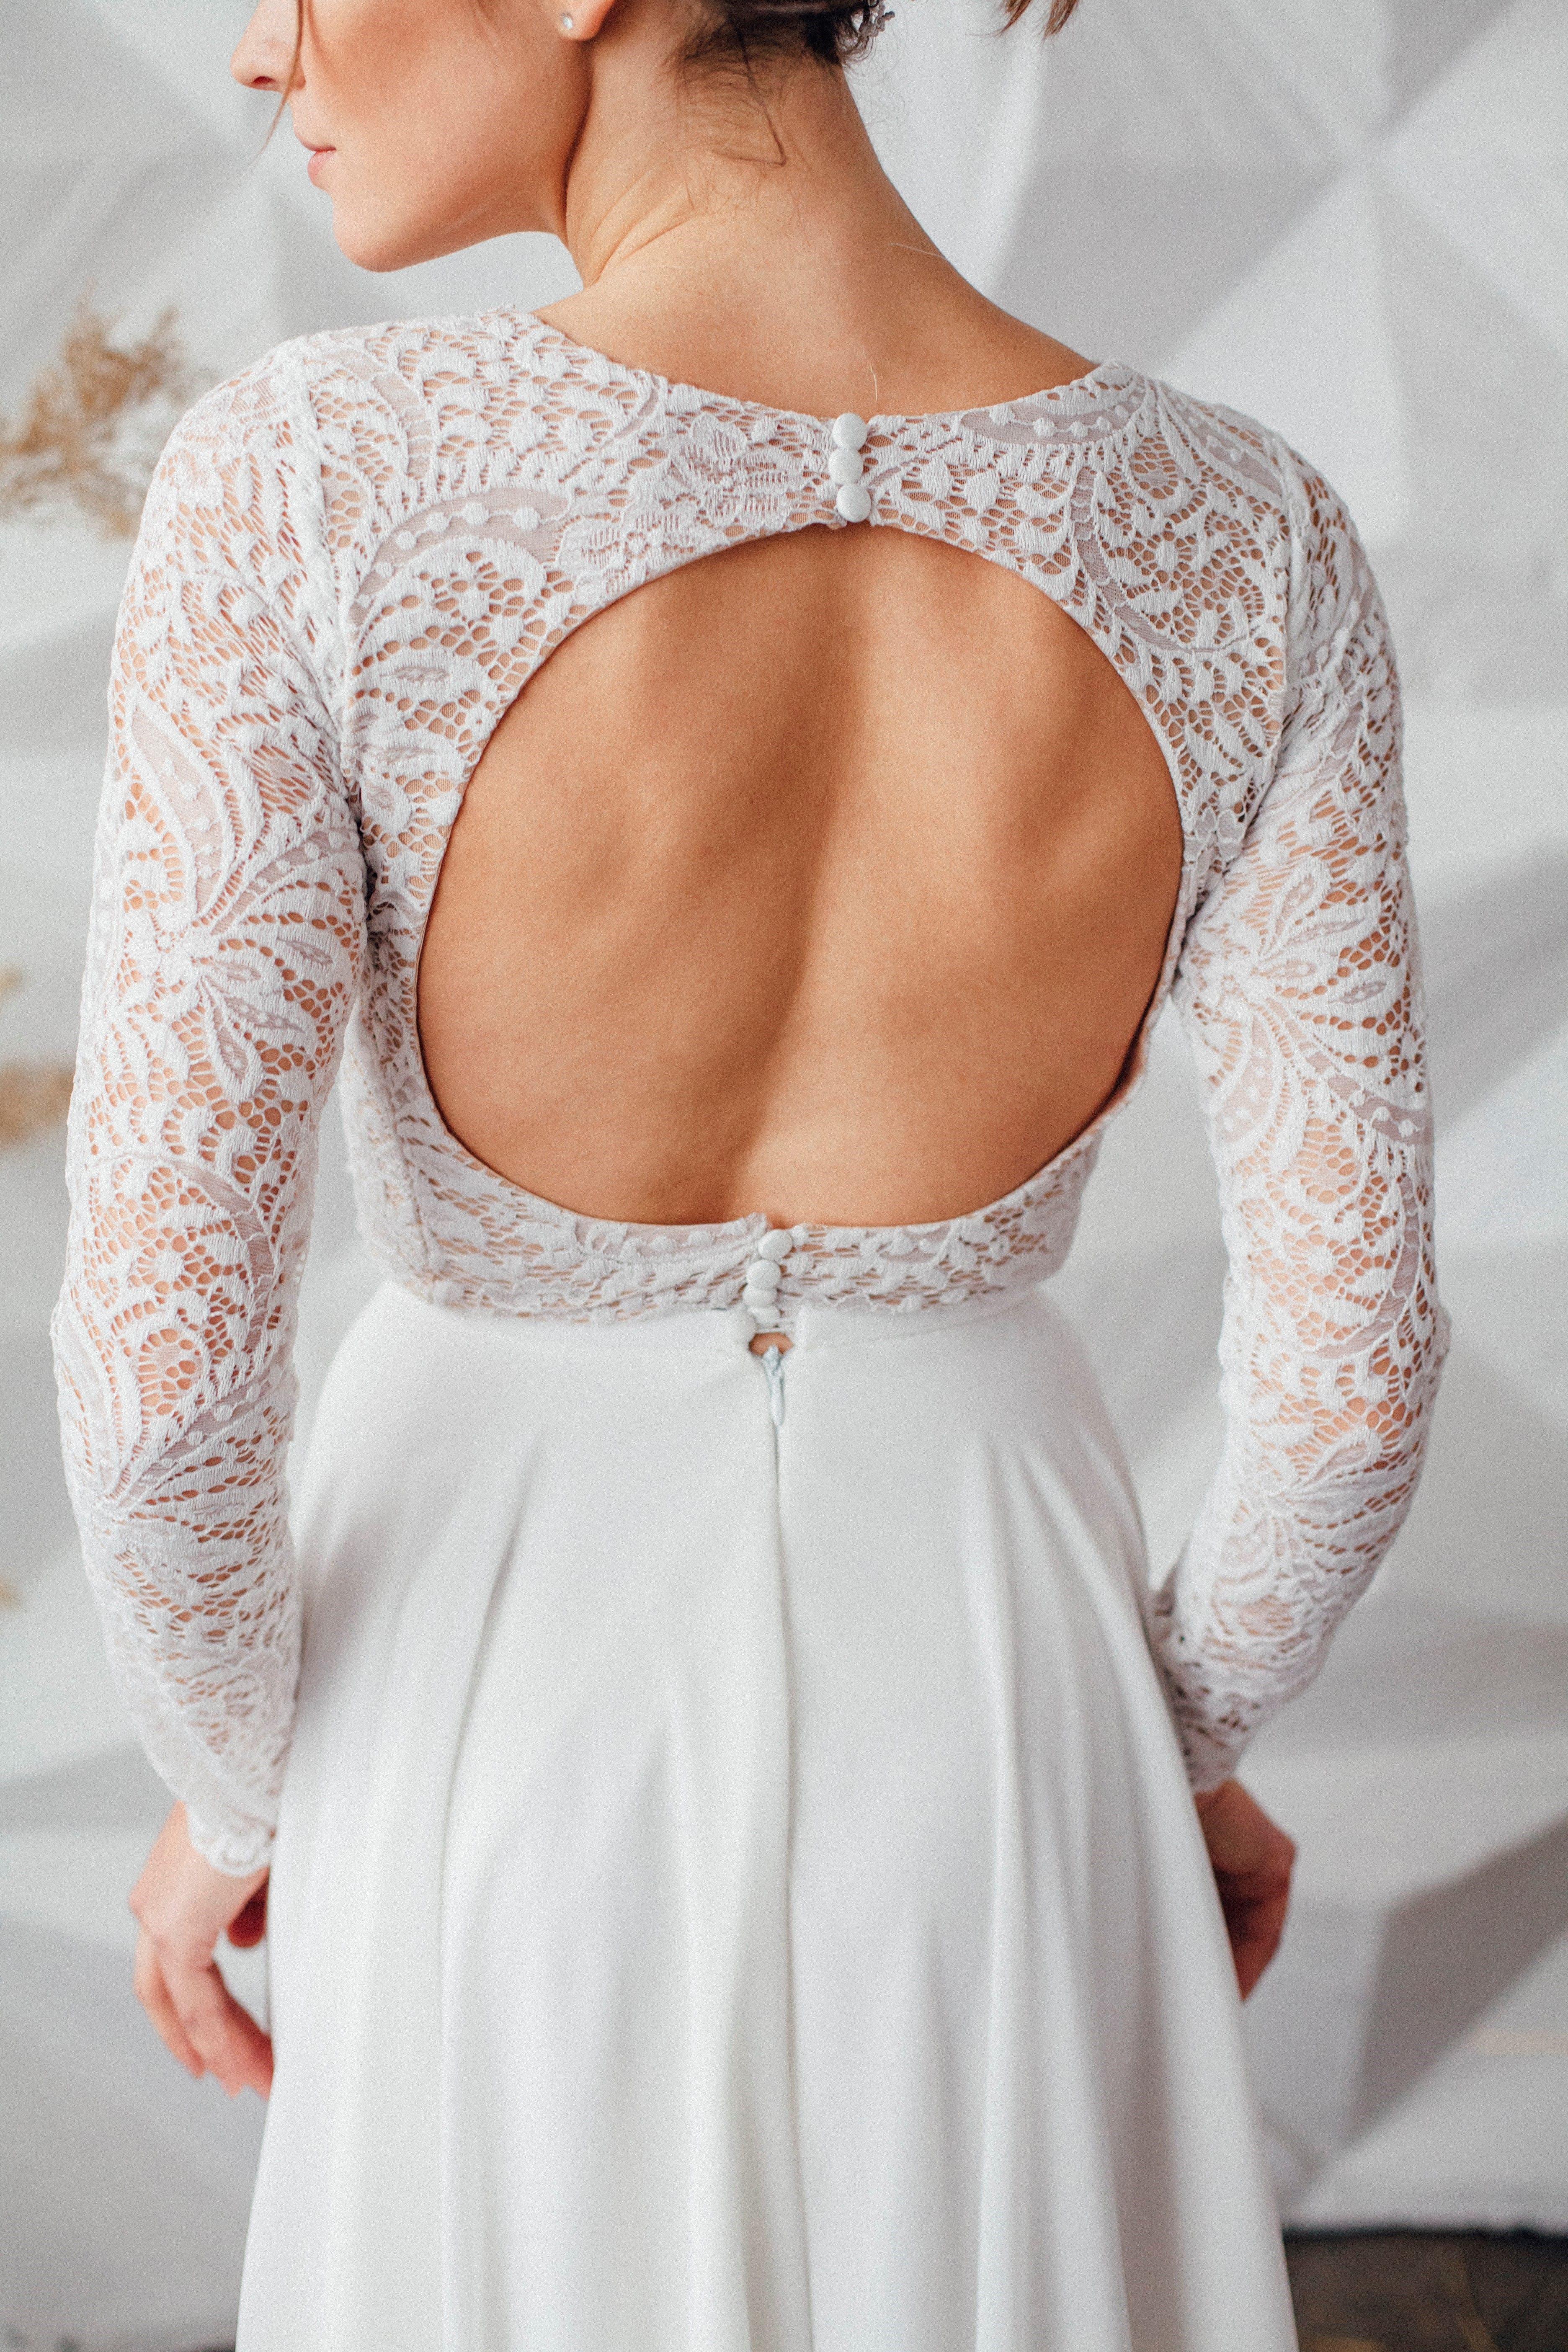 Свадебное платье SYLVIA, коллекция MAGIC OF TENDERNESS, бренд LORA SONG, фото 3